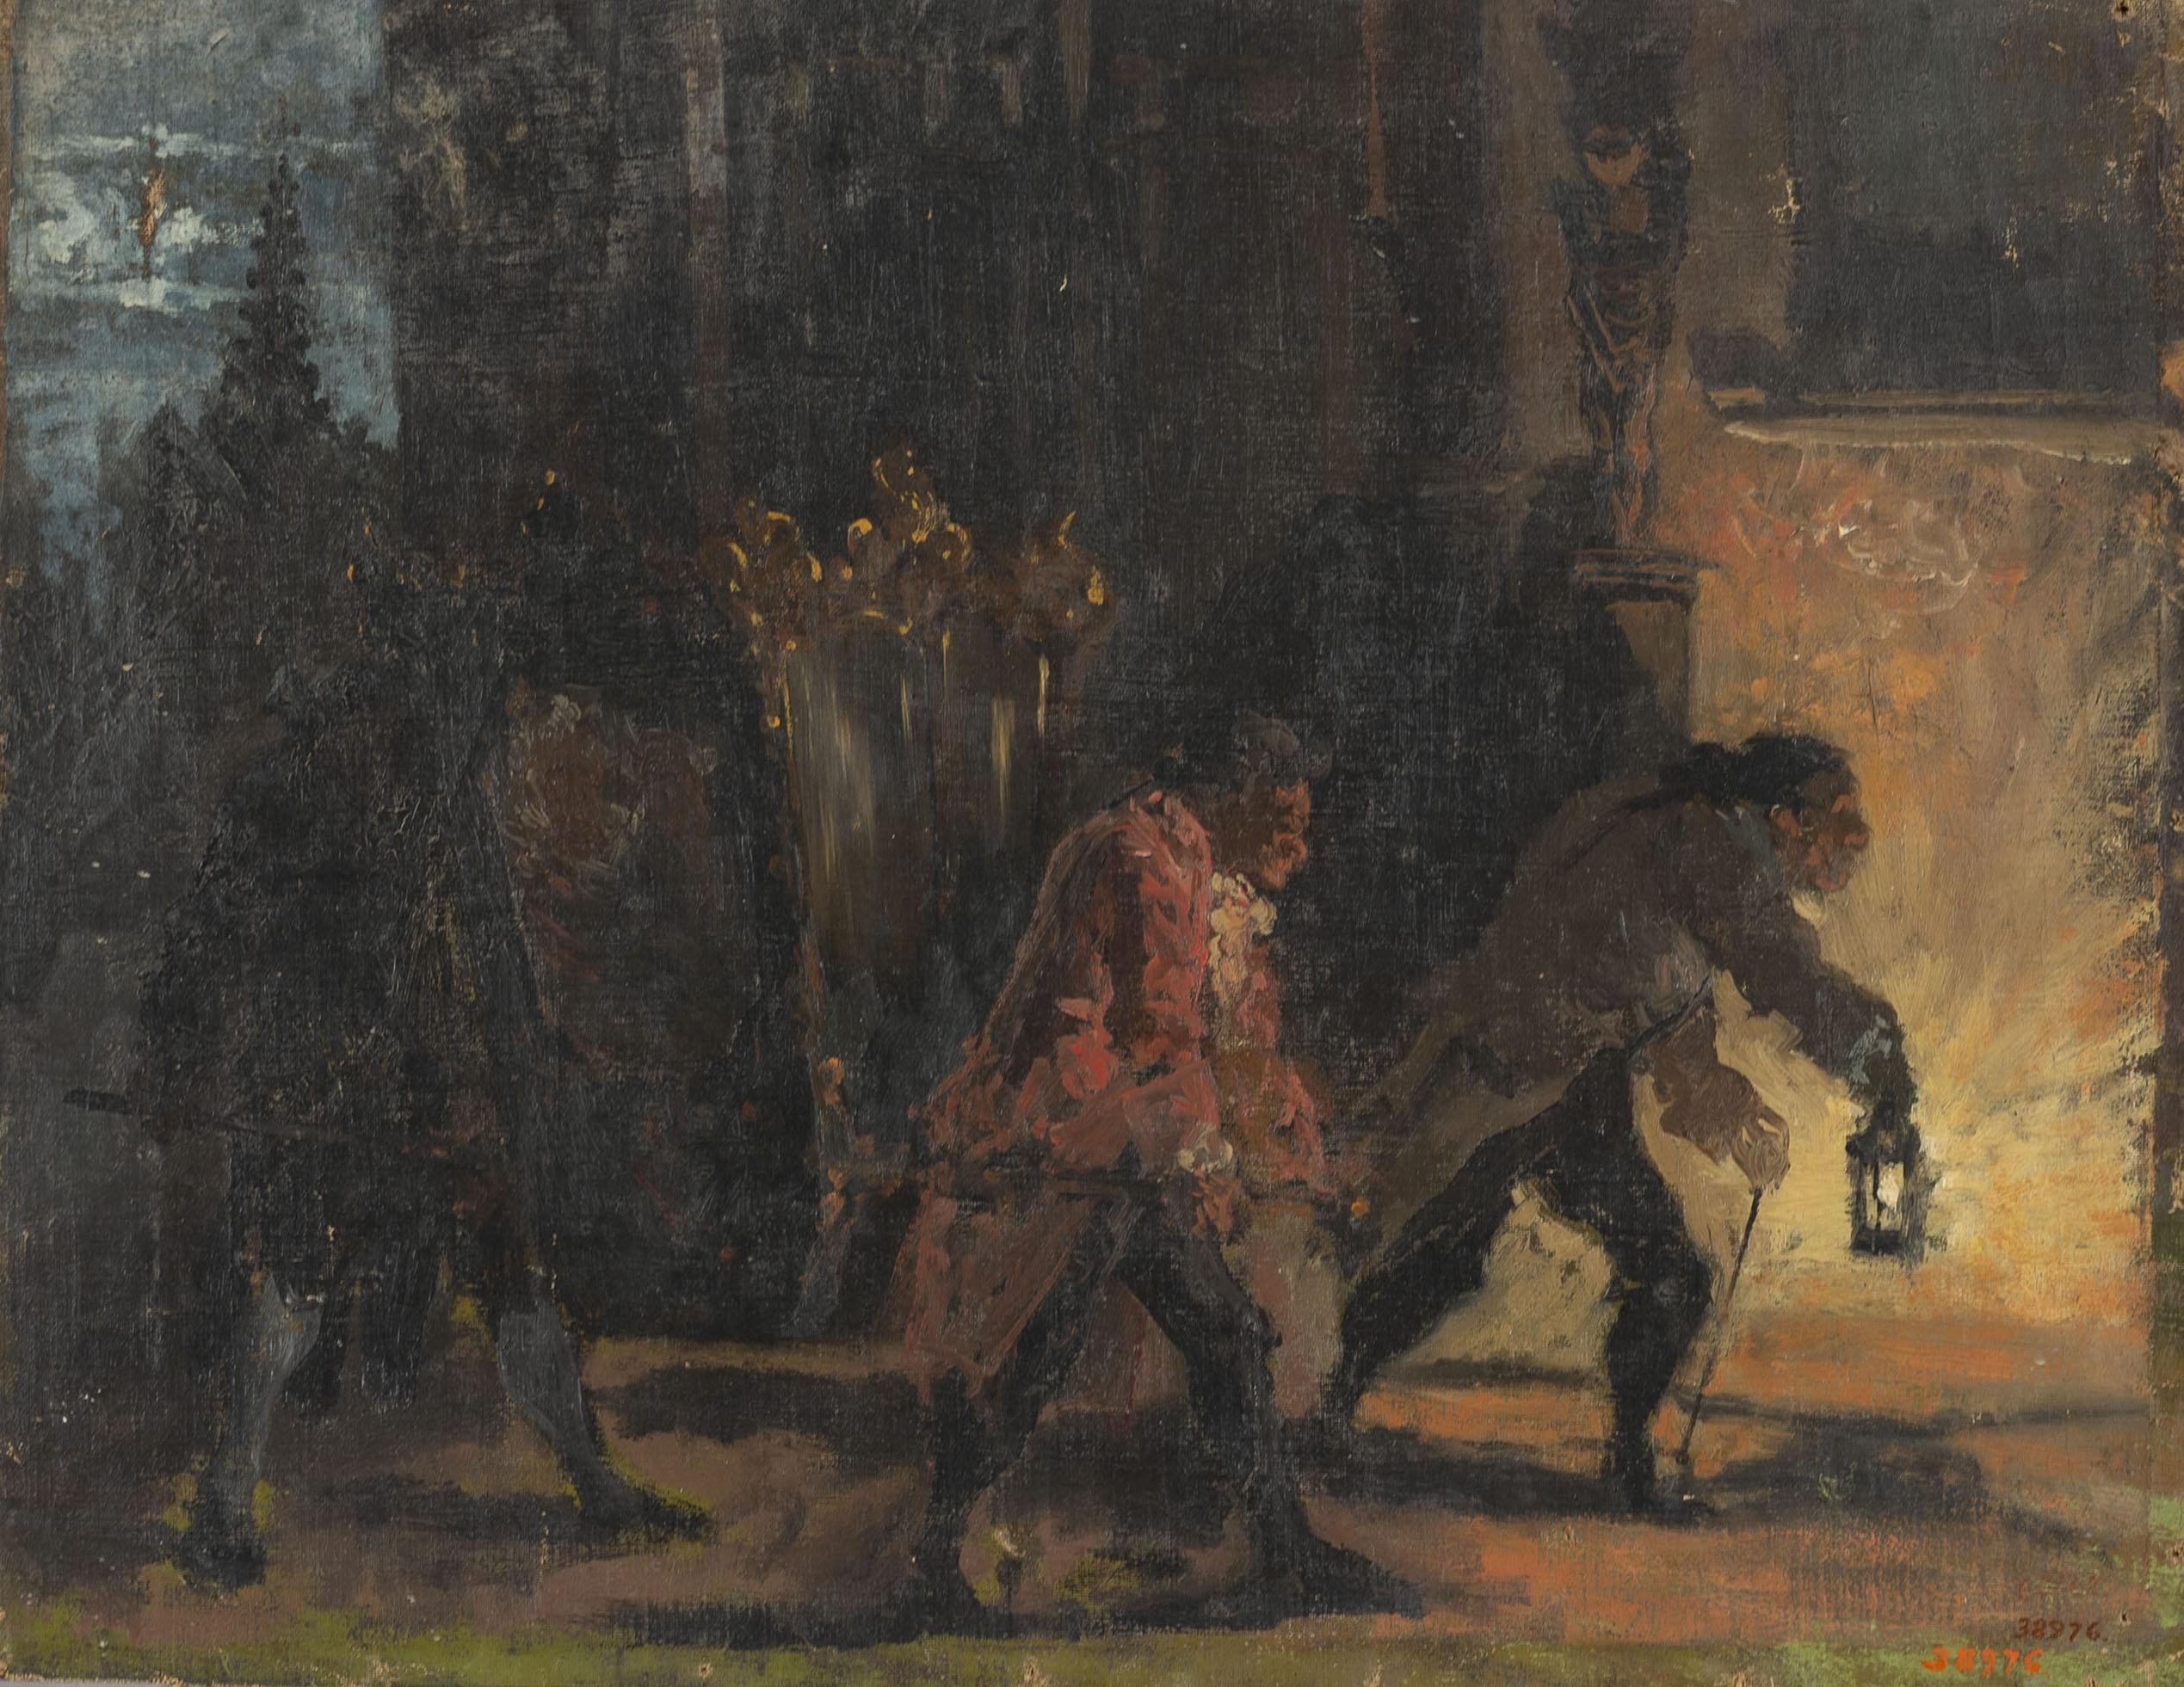 Ramon Amado - Escena nocturna - Cap a 1864-1888